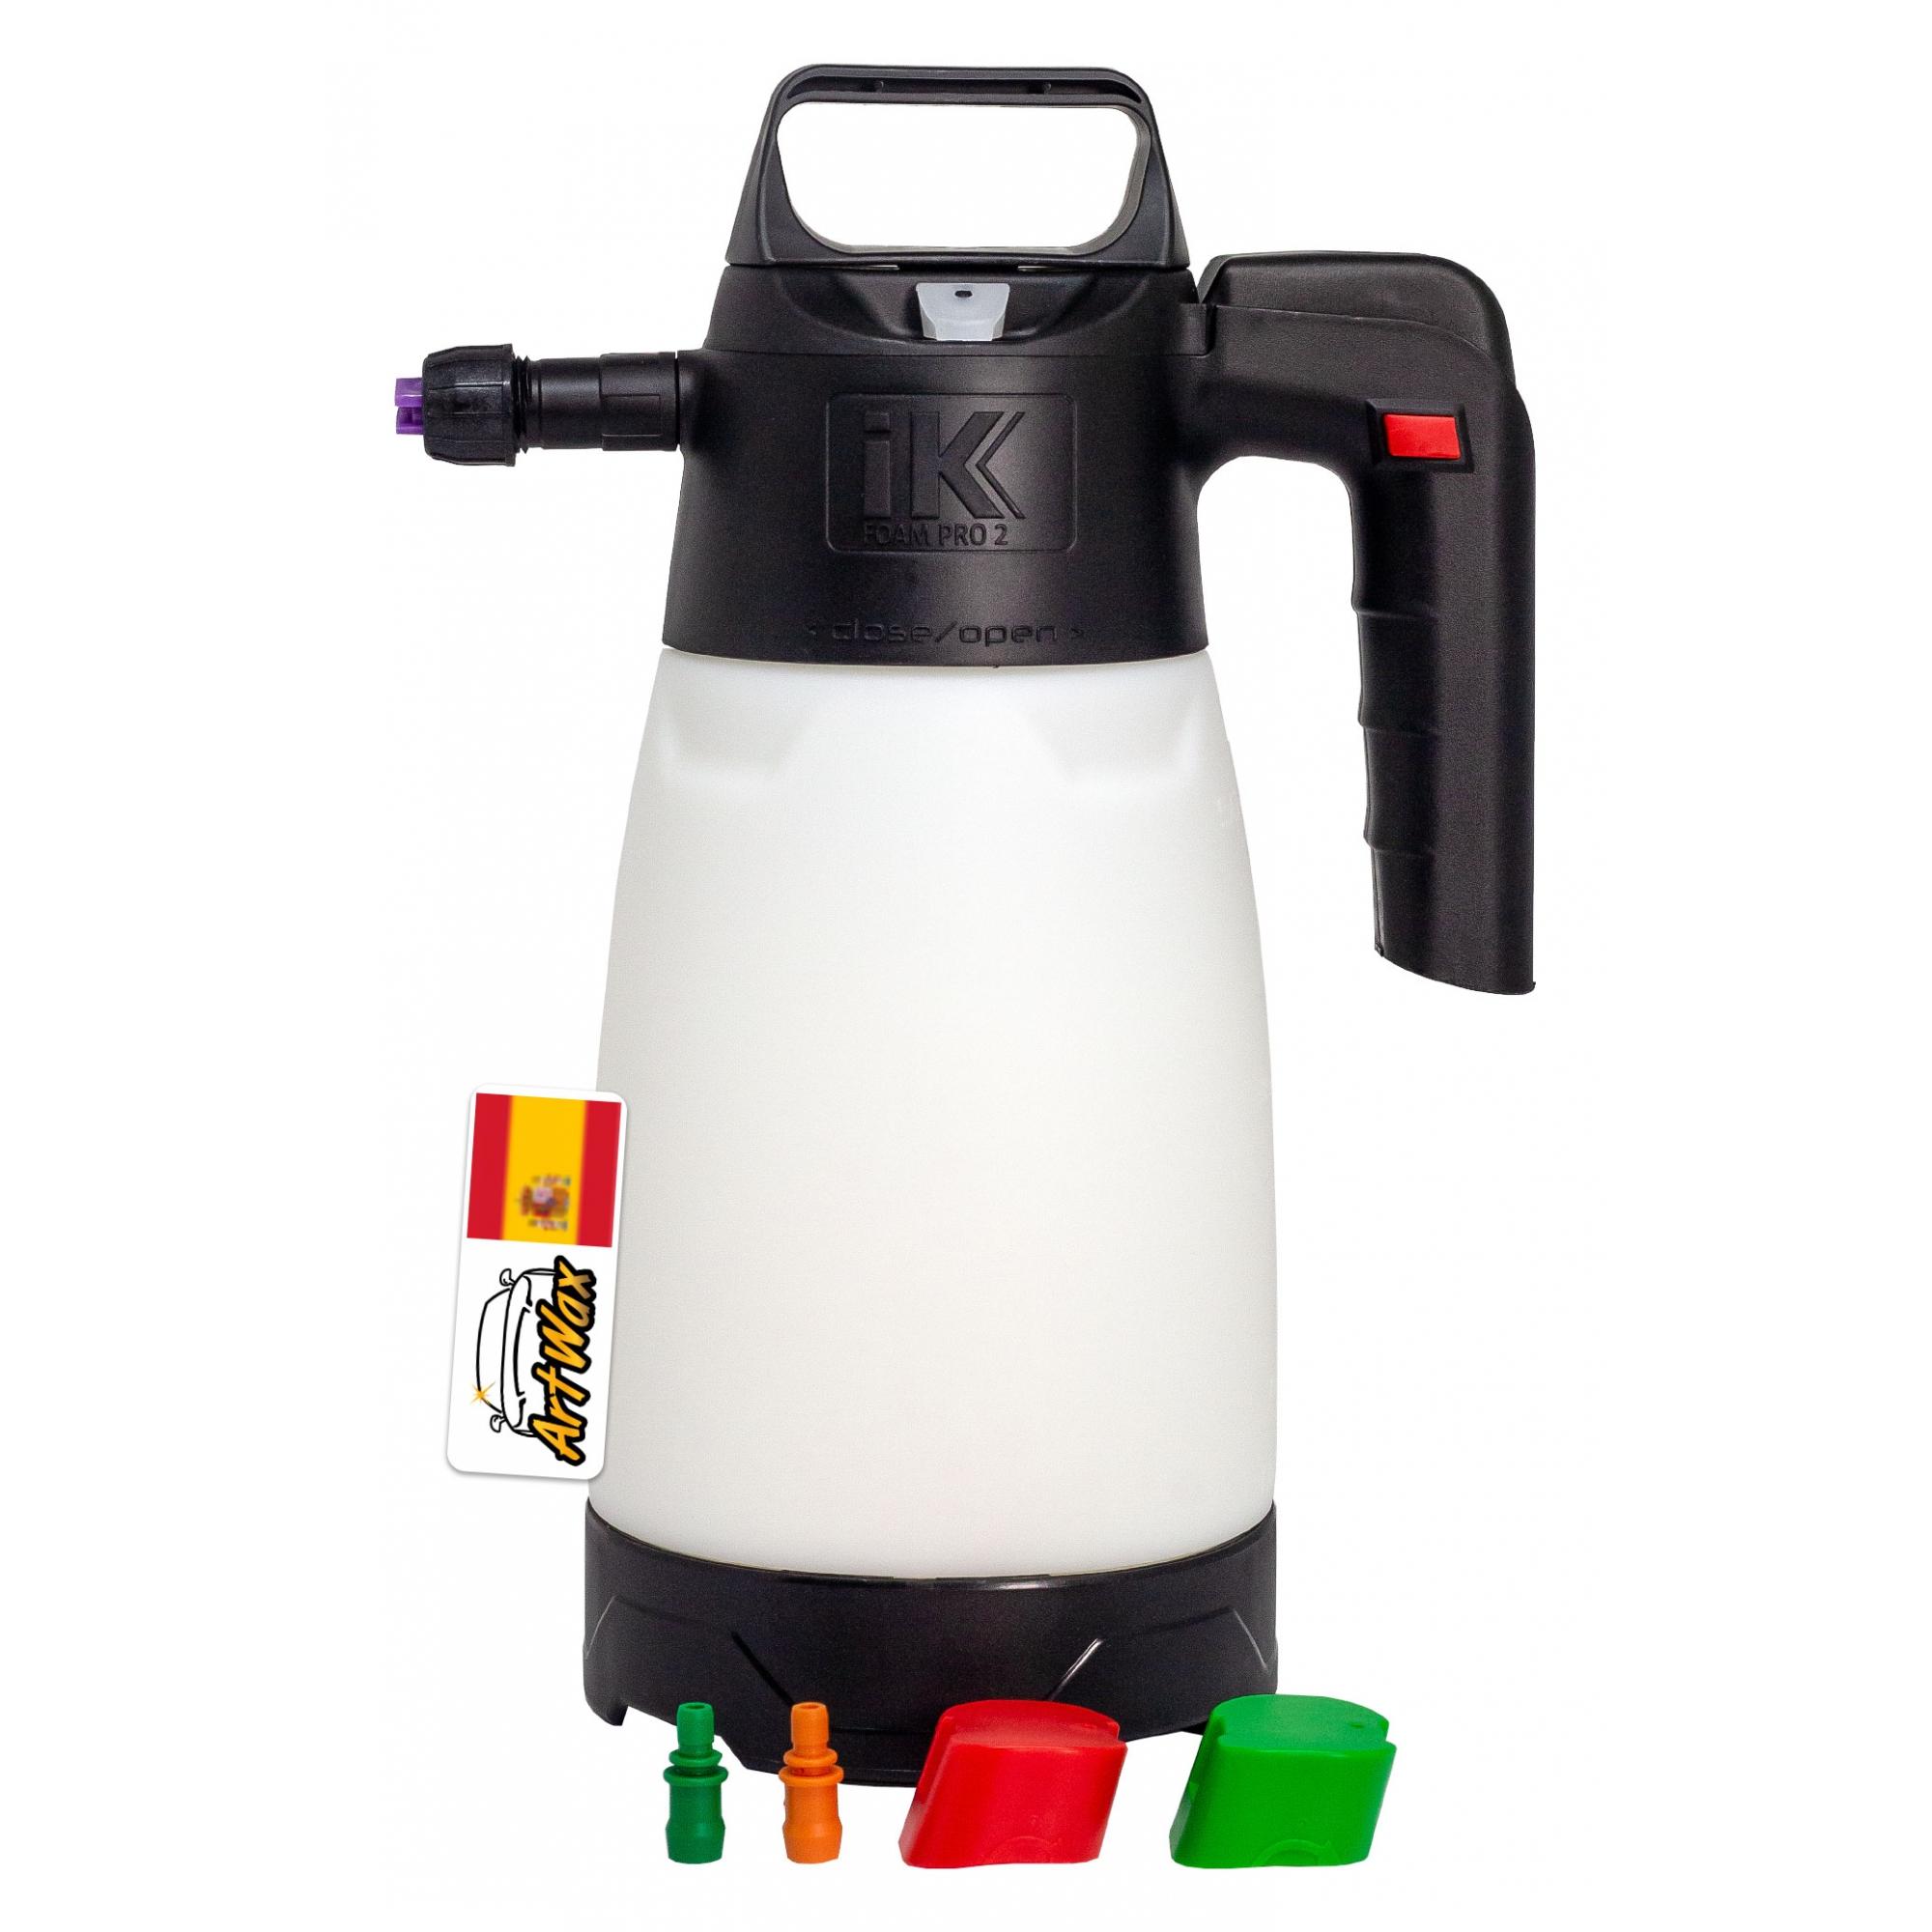 IK Foam Pro 2 - Pulverizador Profissional Espuma Densa